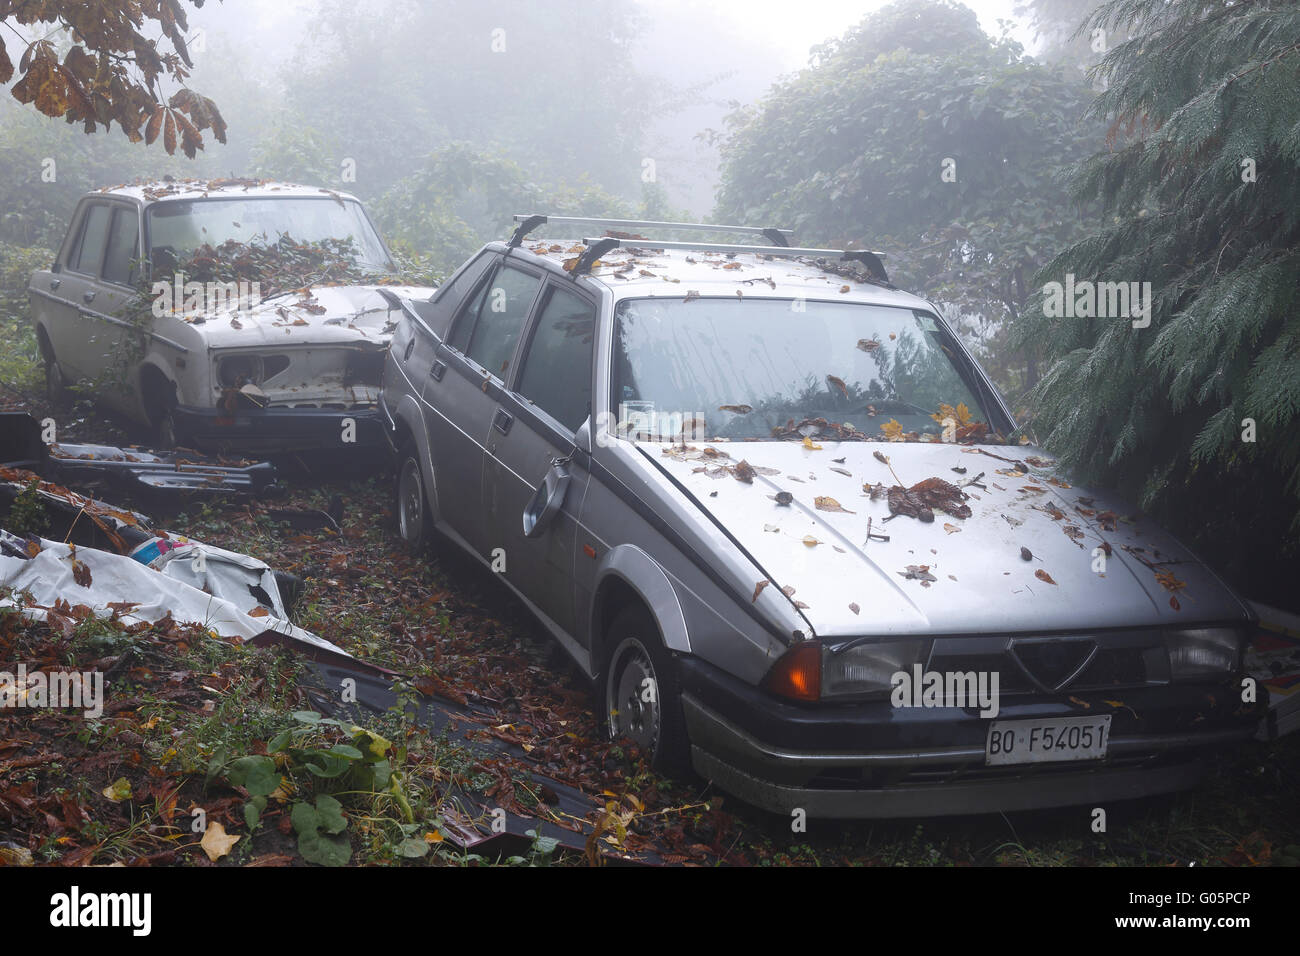 Abandoned car - Stock Image